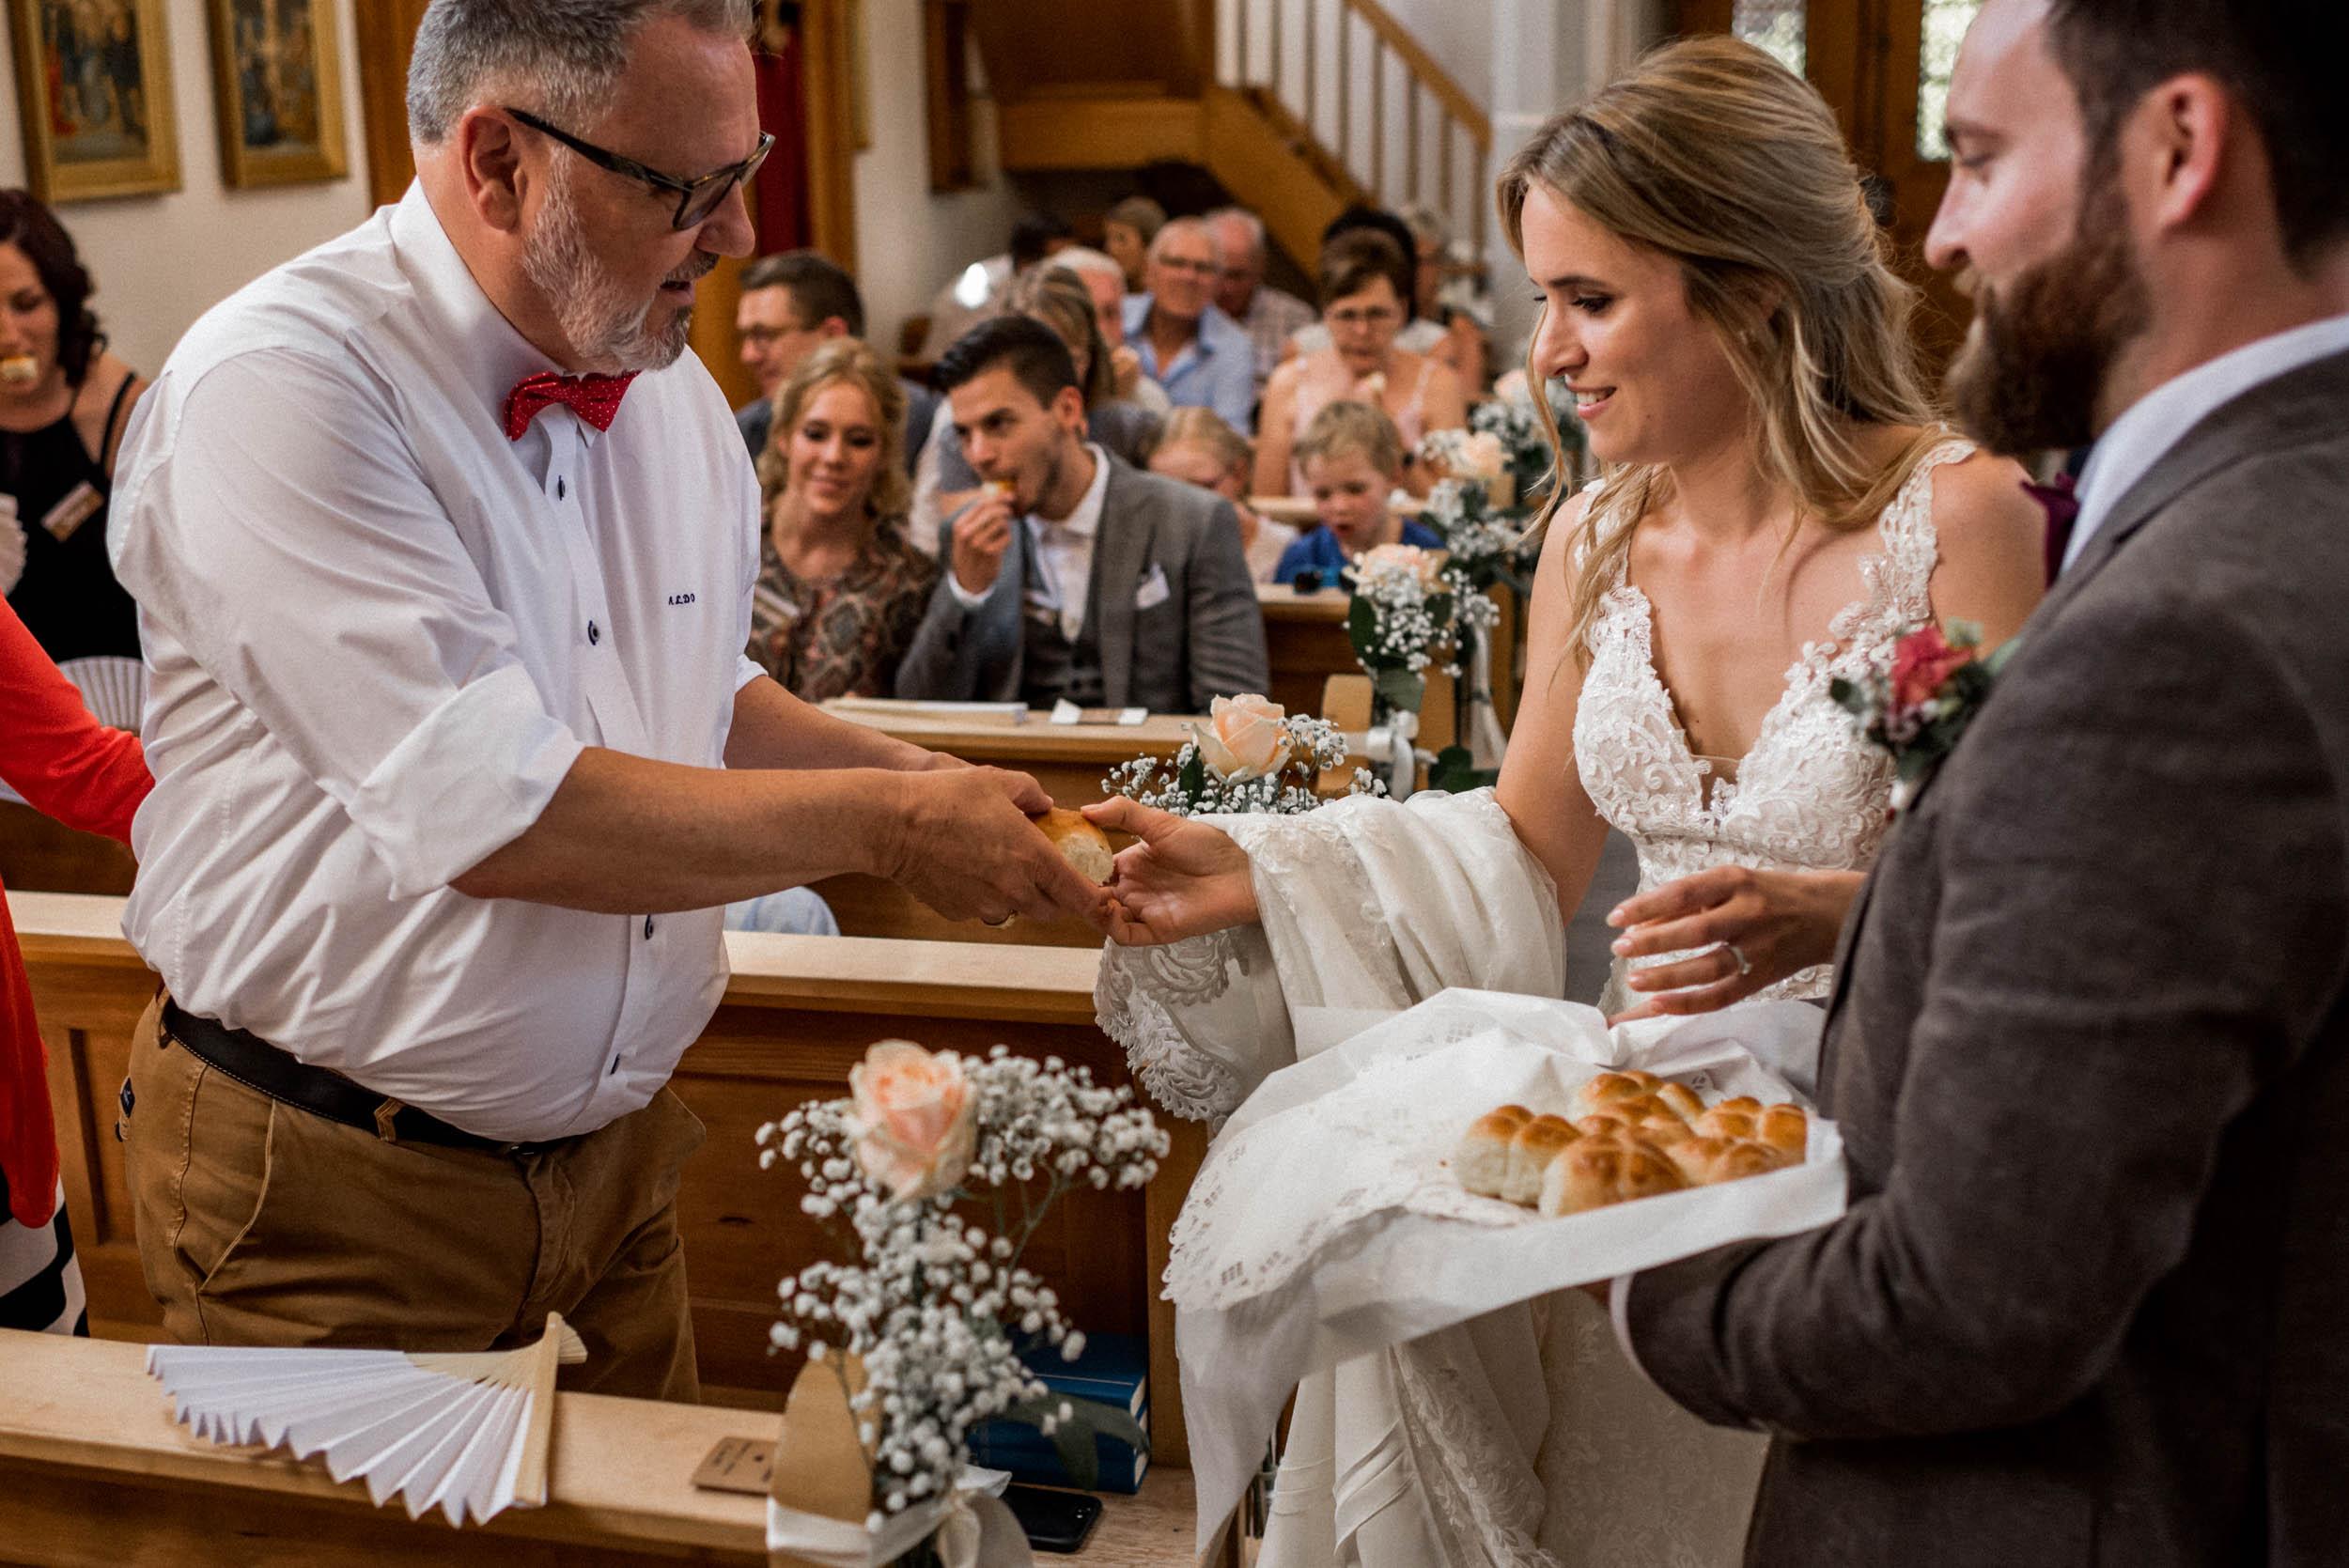 Hochzeitsreportage_Luzern_2019_16.jpg